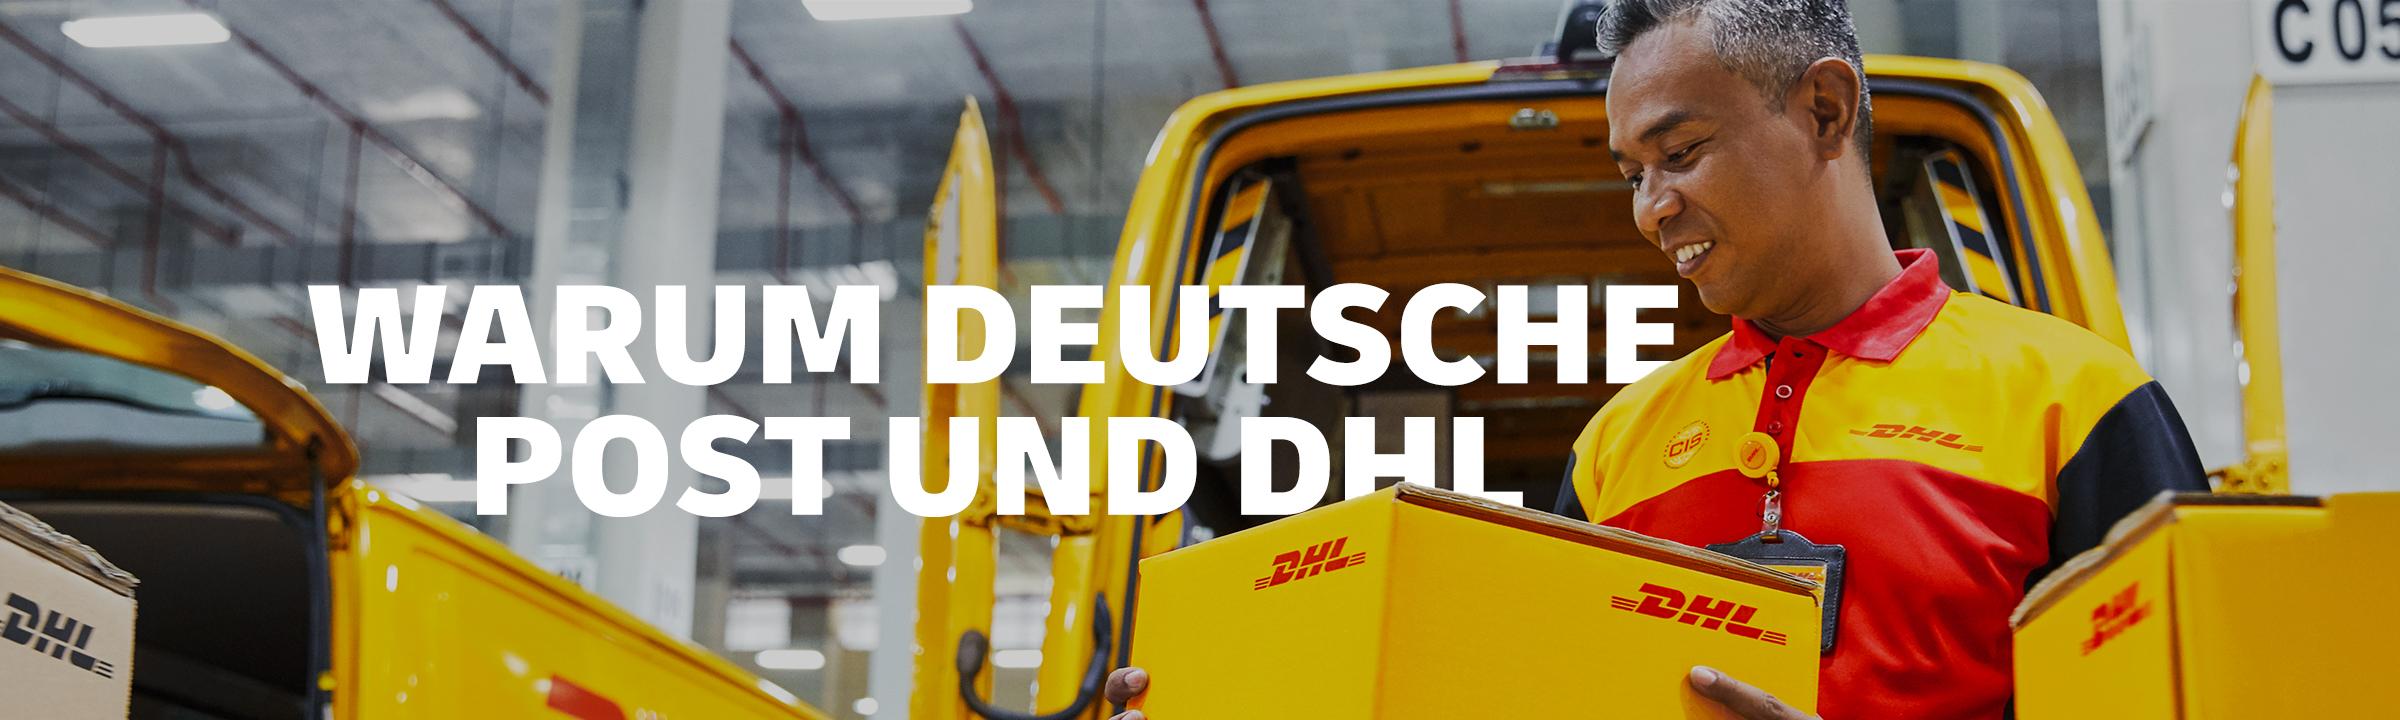 Warum Deutsche Post und DHL